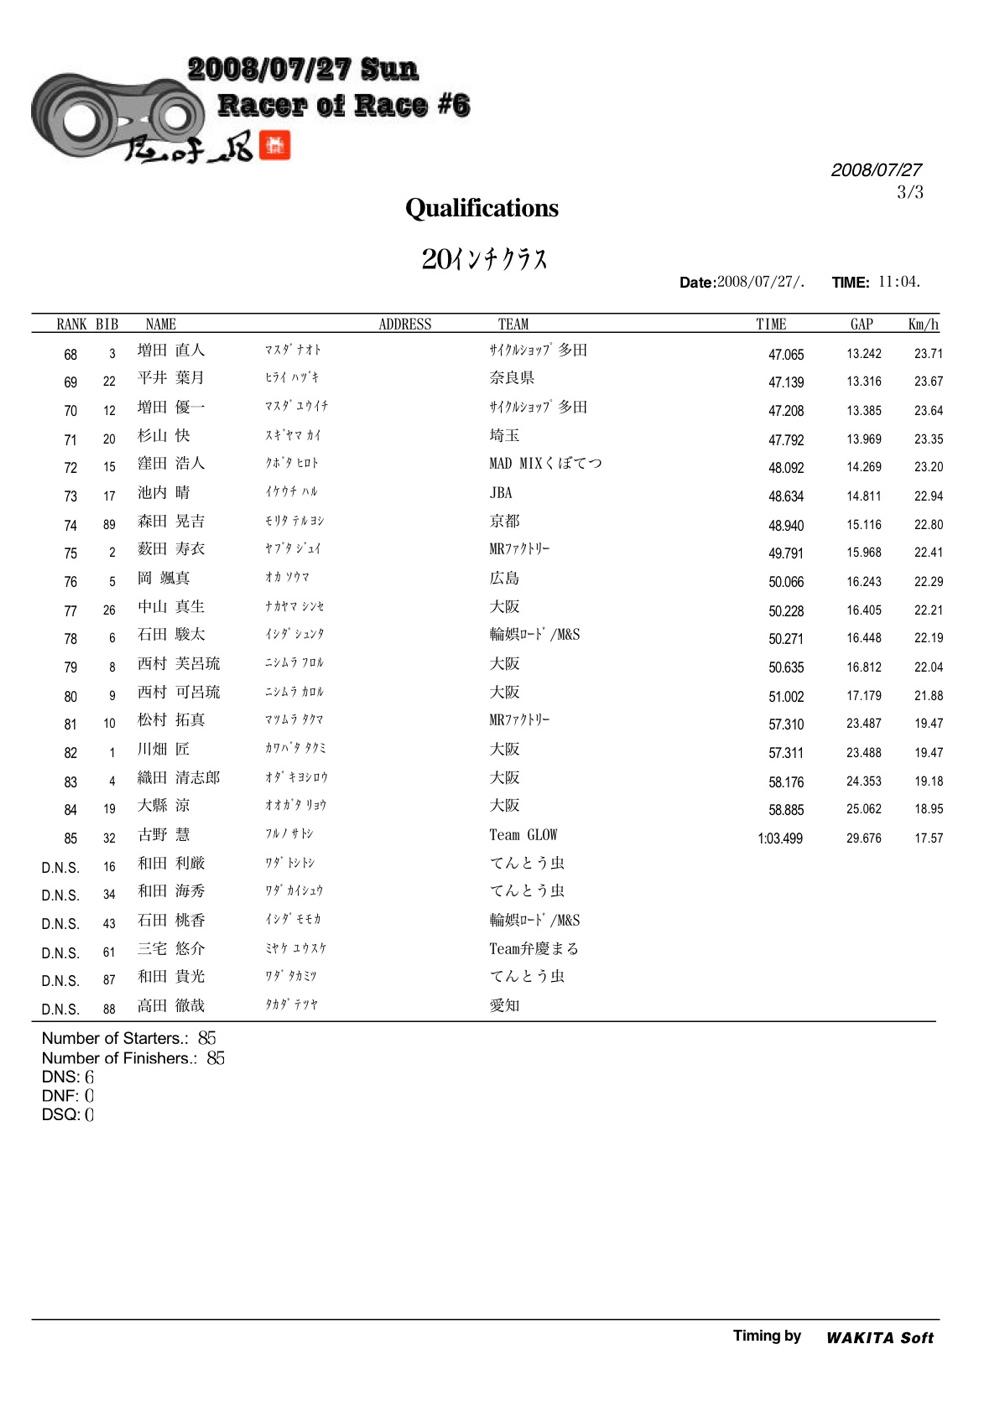 2008レーサーオブレースVOL6 :BMX、MTB、クルーザークラス予選_b0065730_18555054.jpg